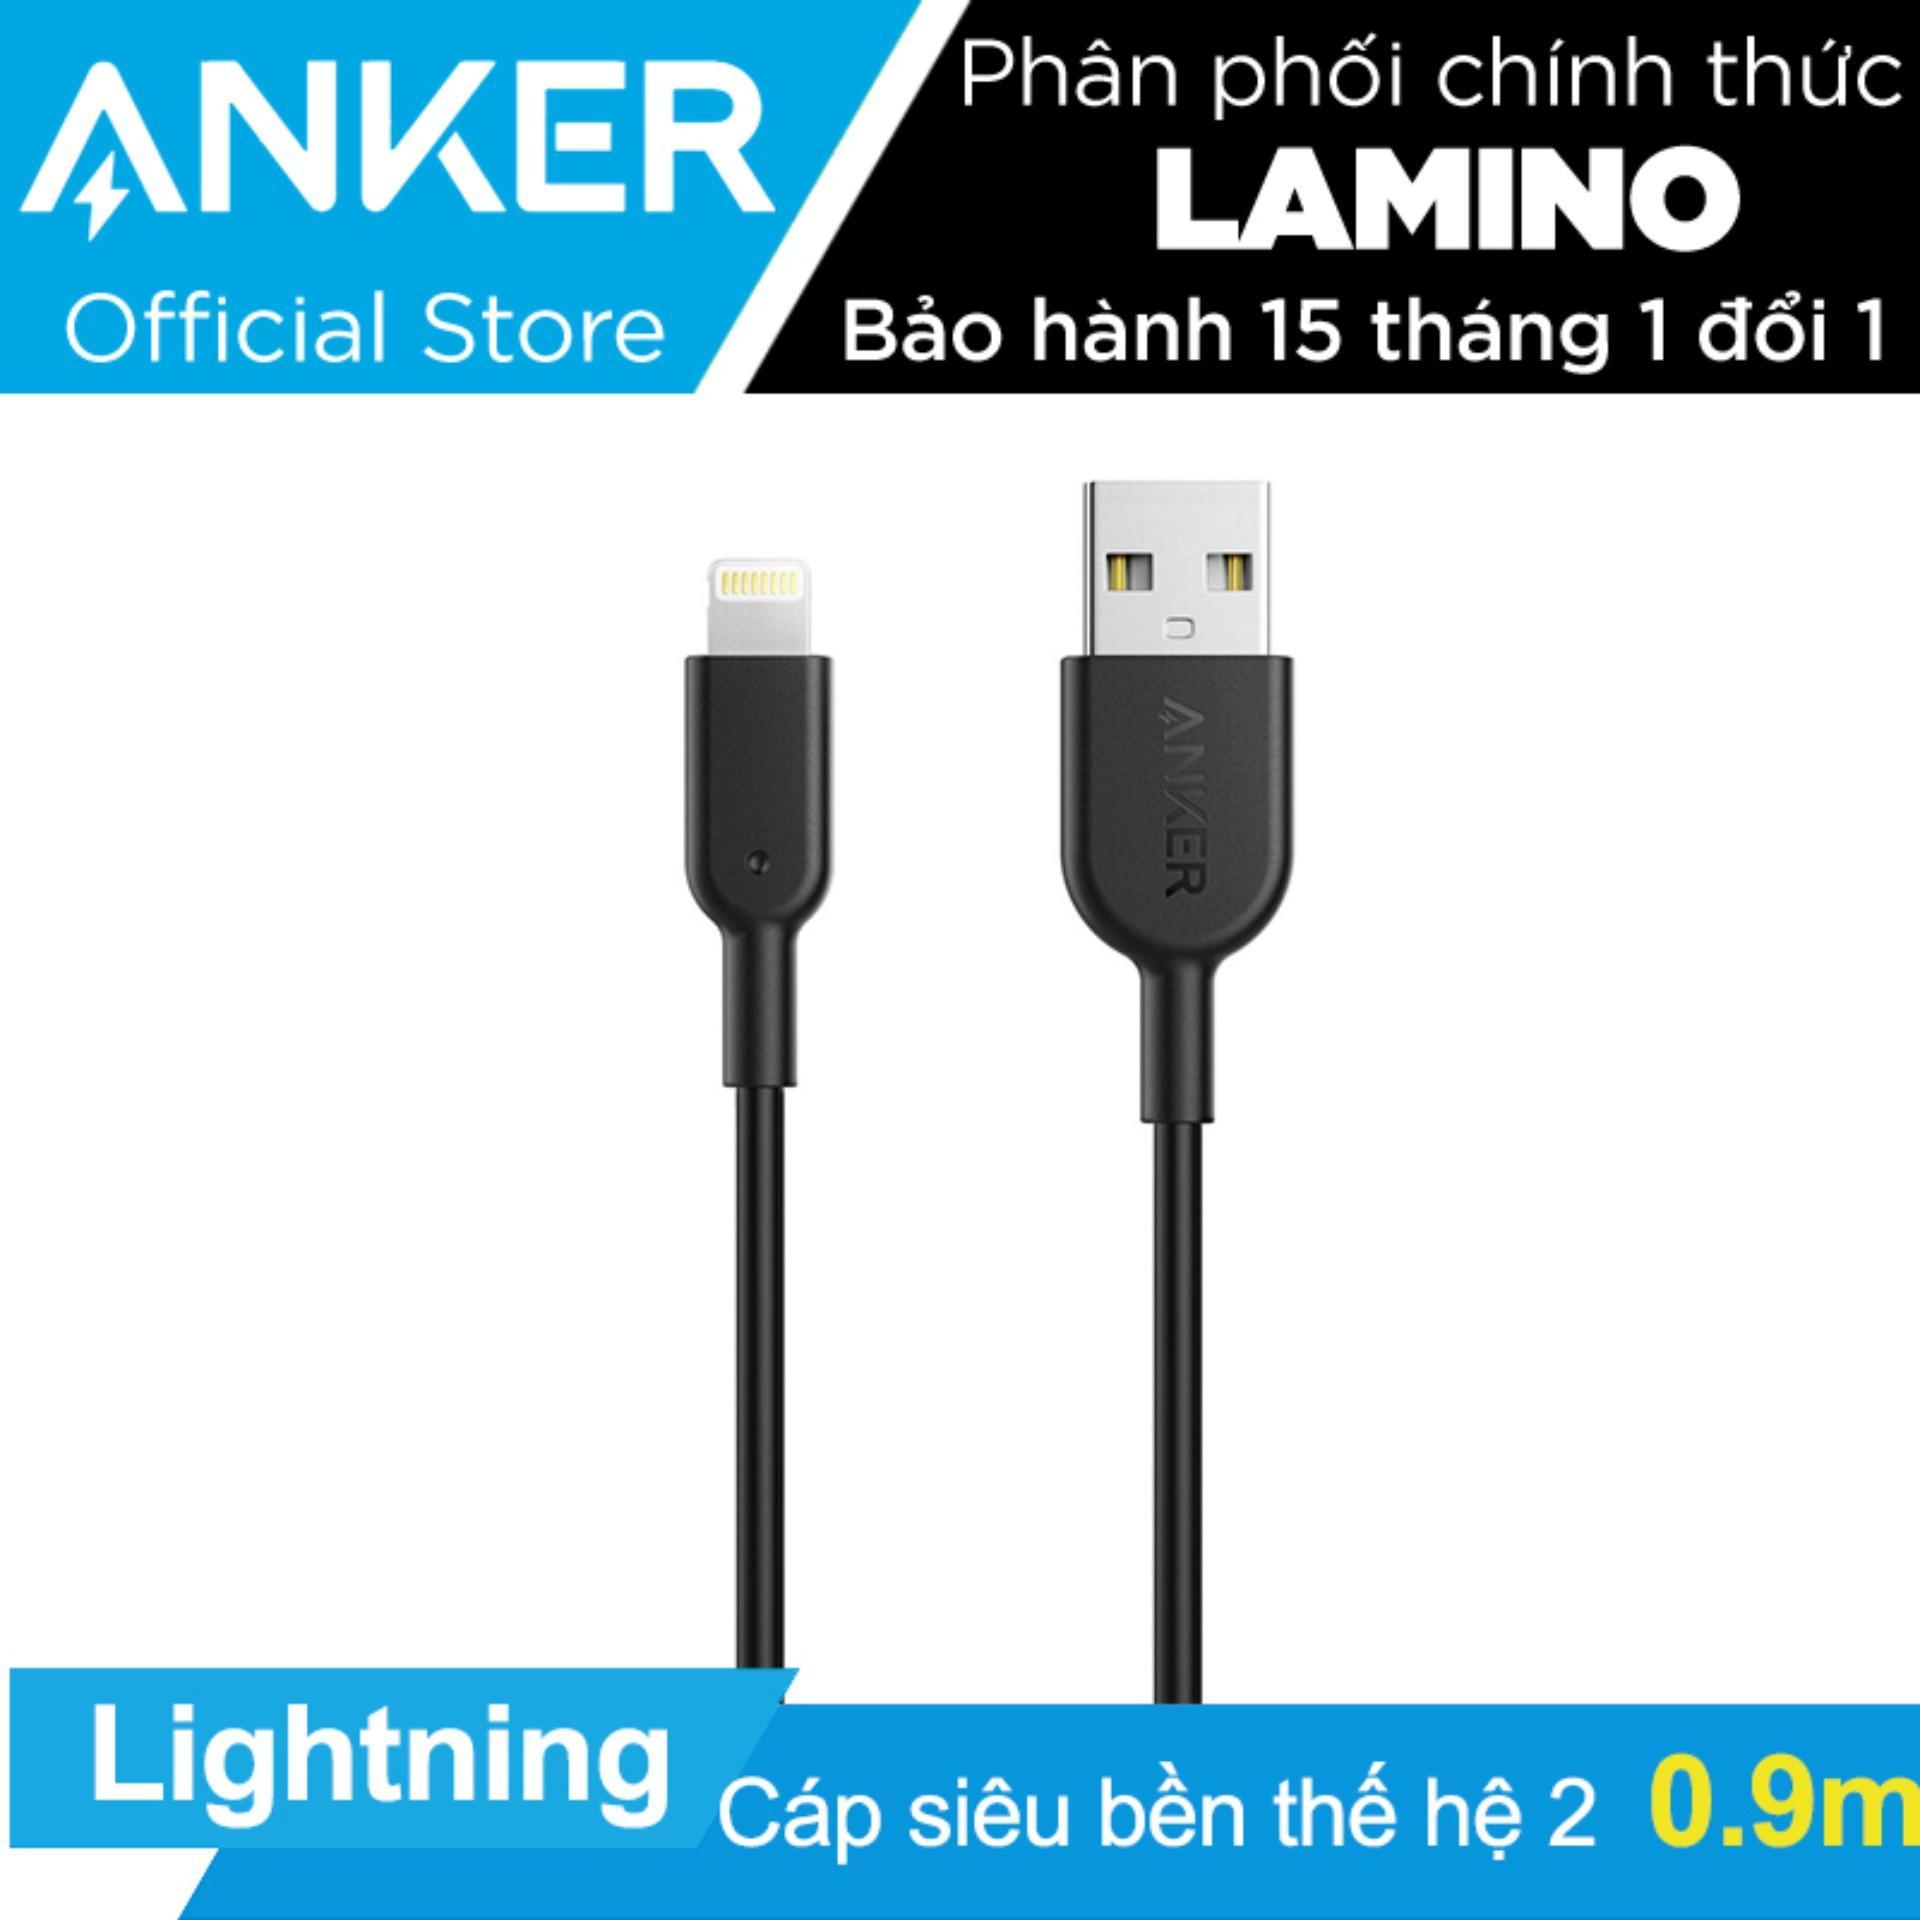 Bán Cap Sieu Bền Thế Hệ 2 Anker Powerline Ii Lightning Dai 9M Cho Iphone Ipad Hang Phan Phối Chinh Thức Có Thương Hiệu Nguyên